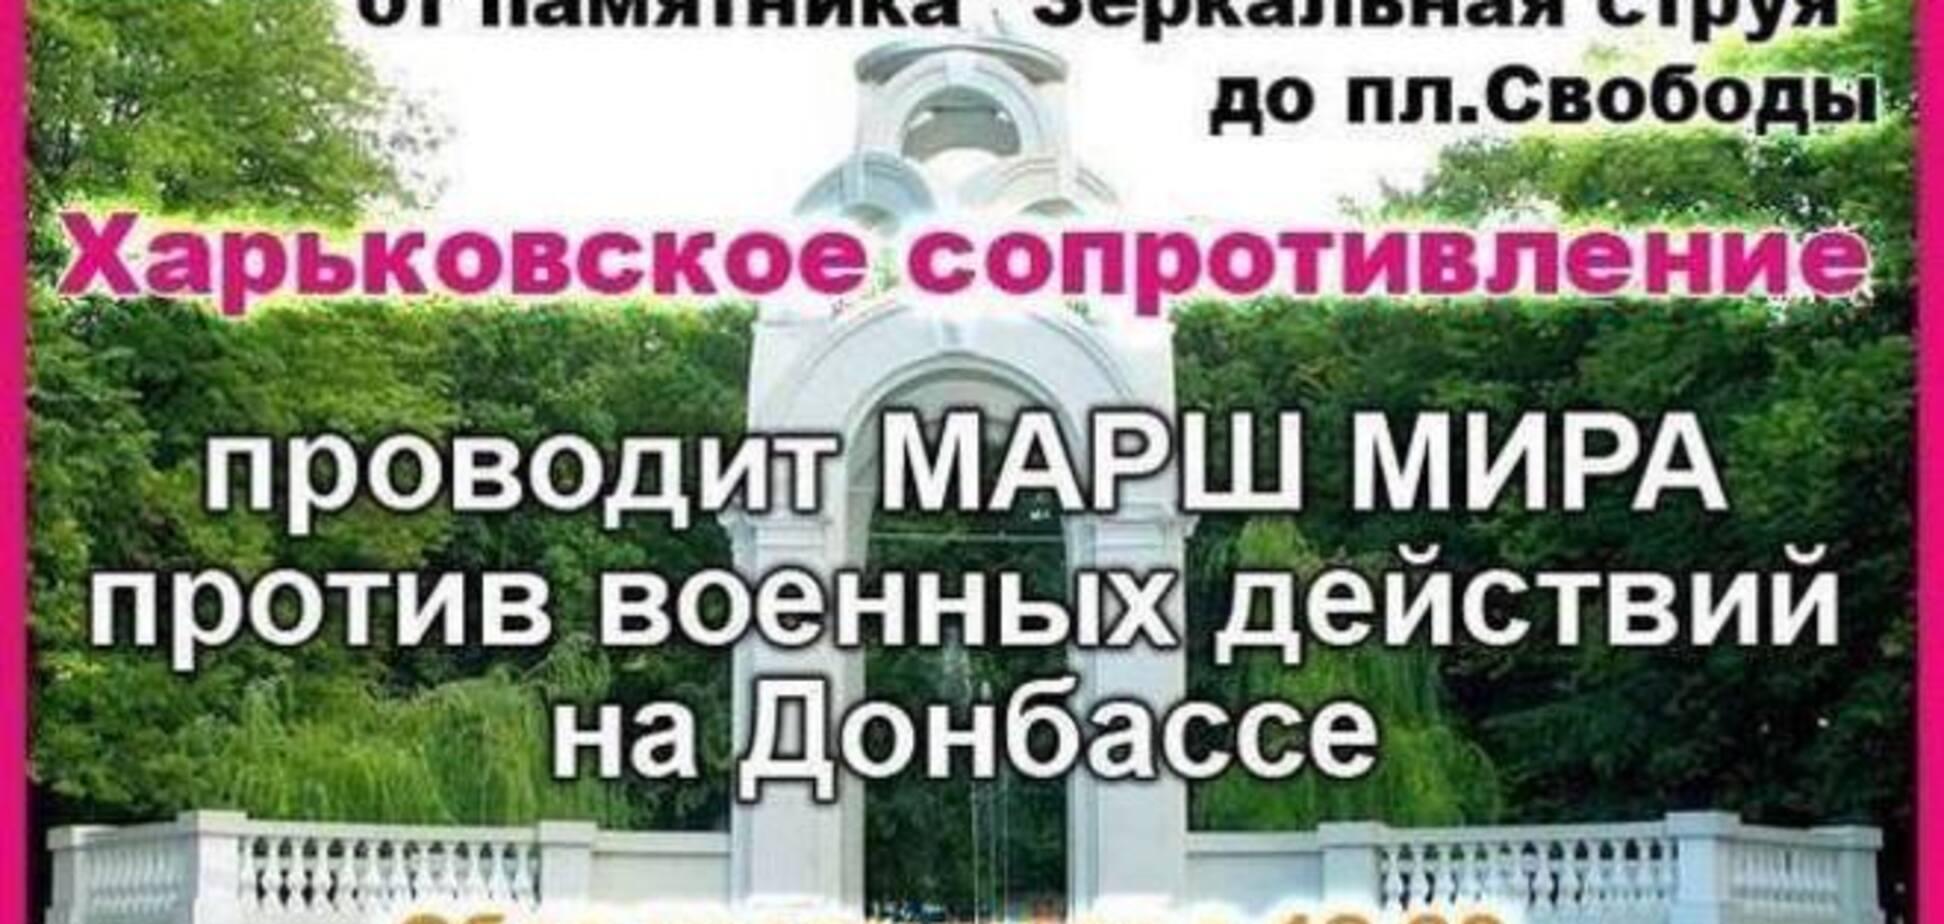 В Харькове суд запретил сепаратистам проводить свой Марш мира